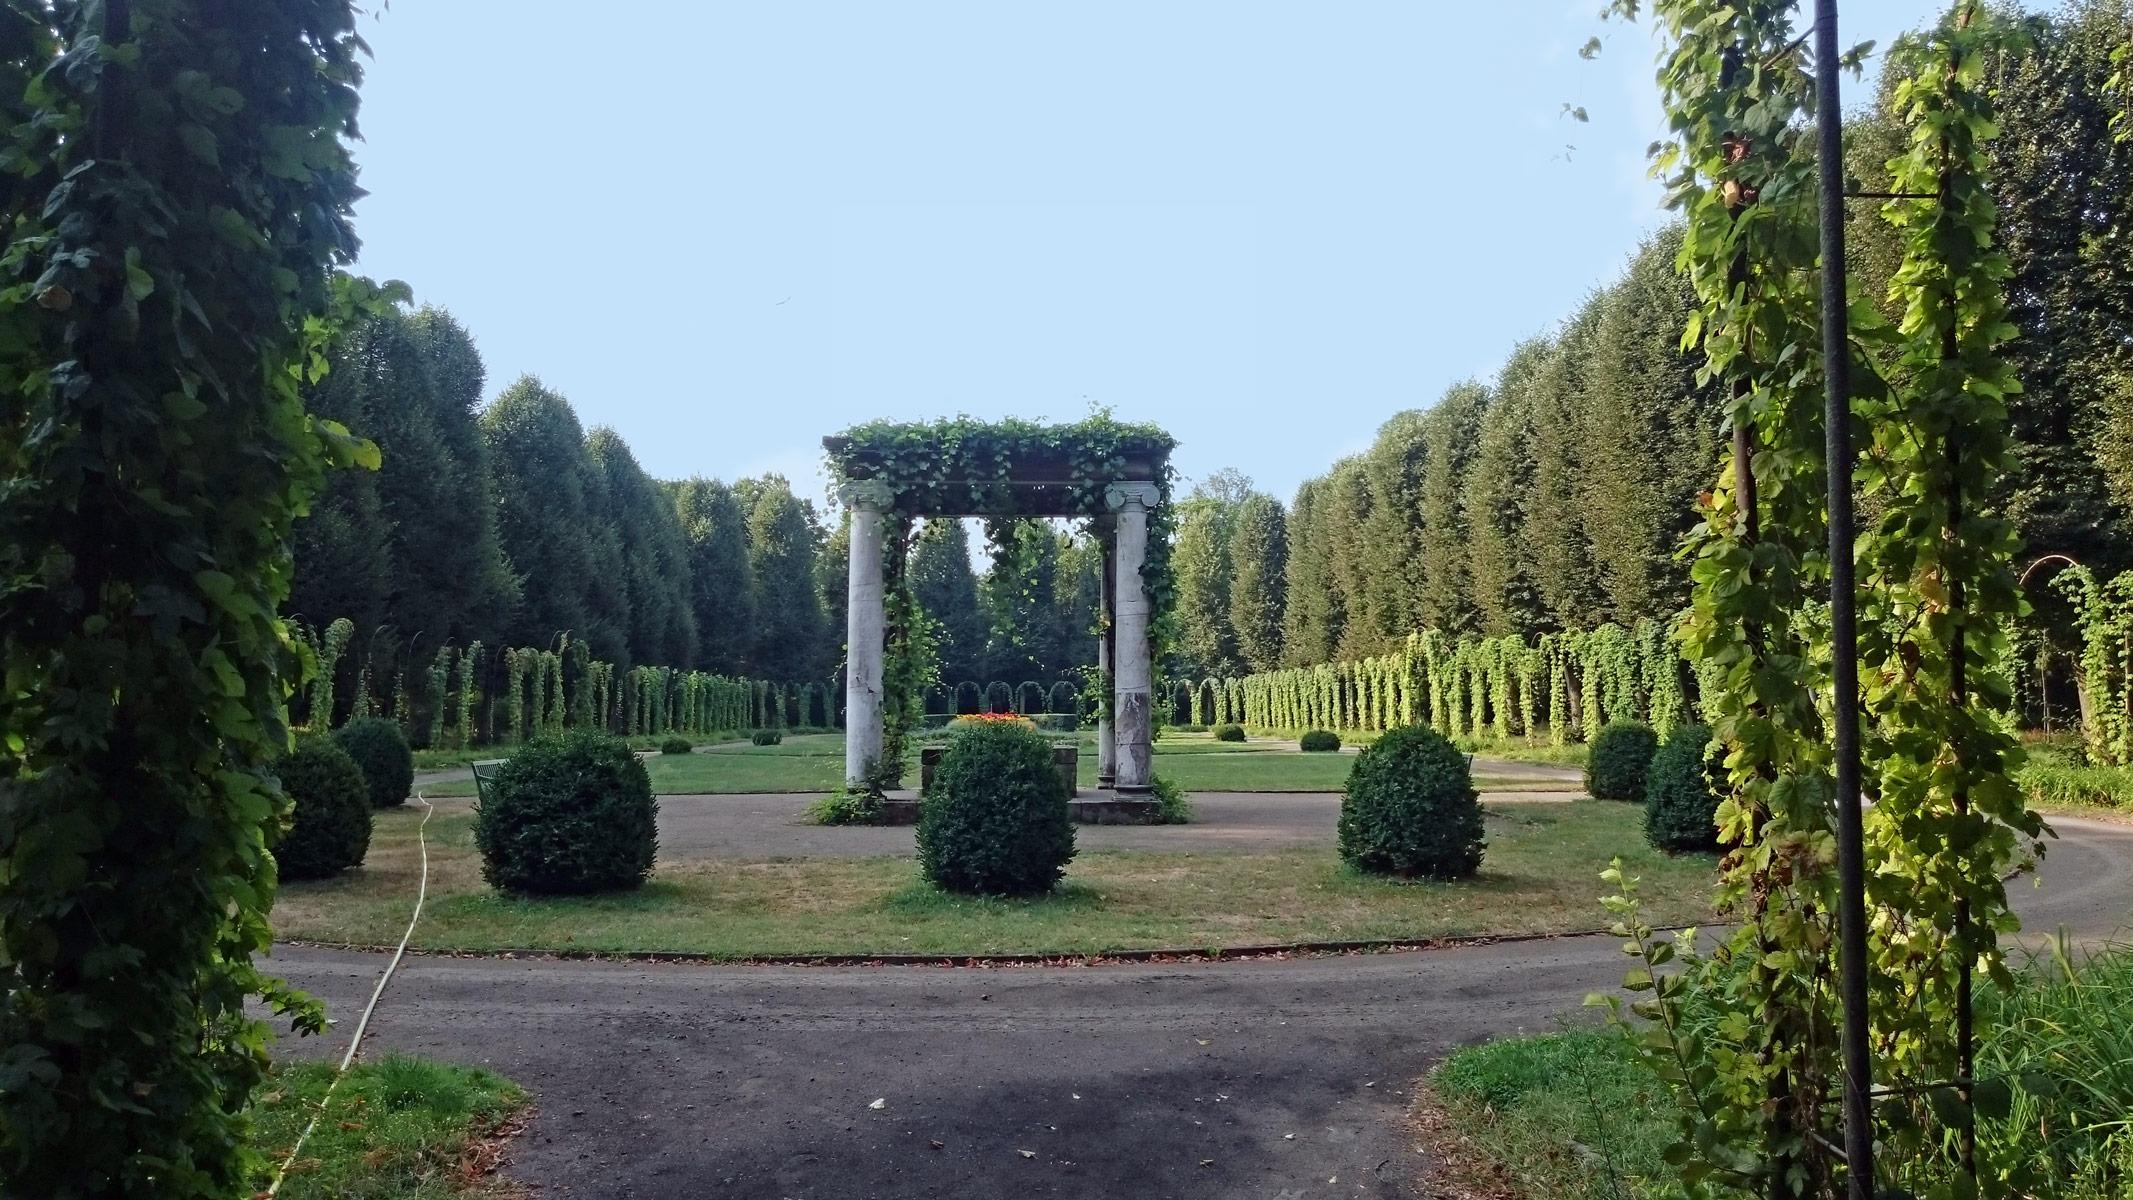 Joggen im Park Sanssouci am frühen Morgen | Auf dem Weg zu Schloss Charlottenhof